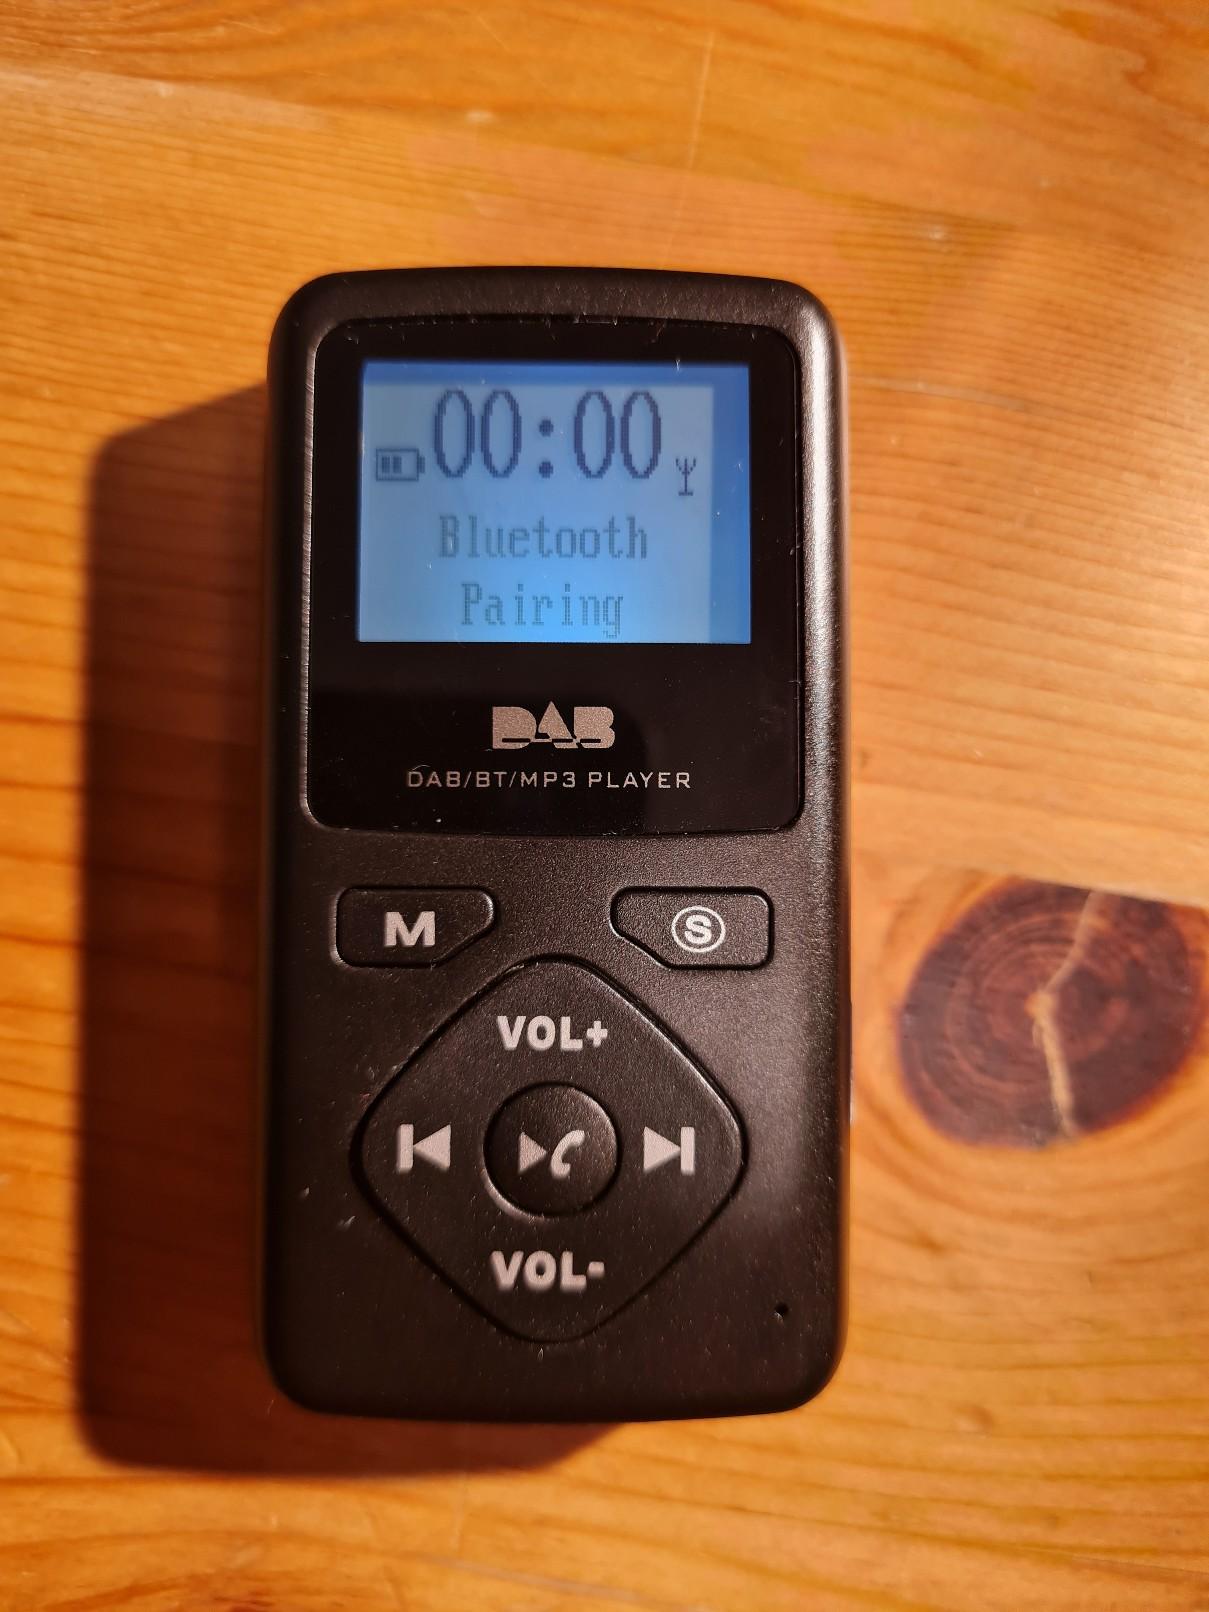 DAB-P7 FM Radio